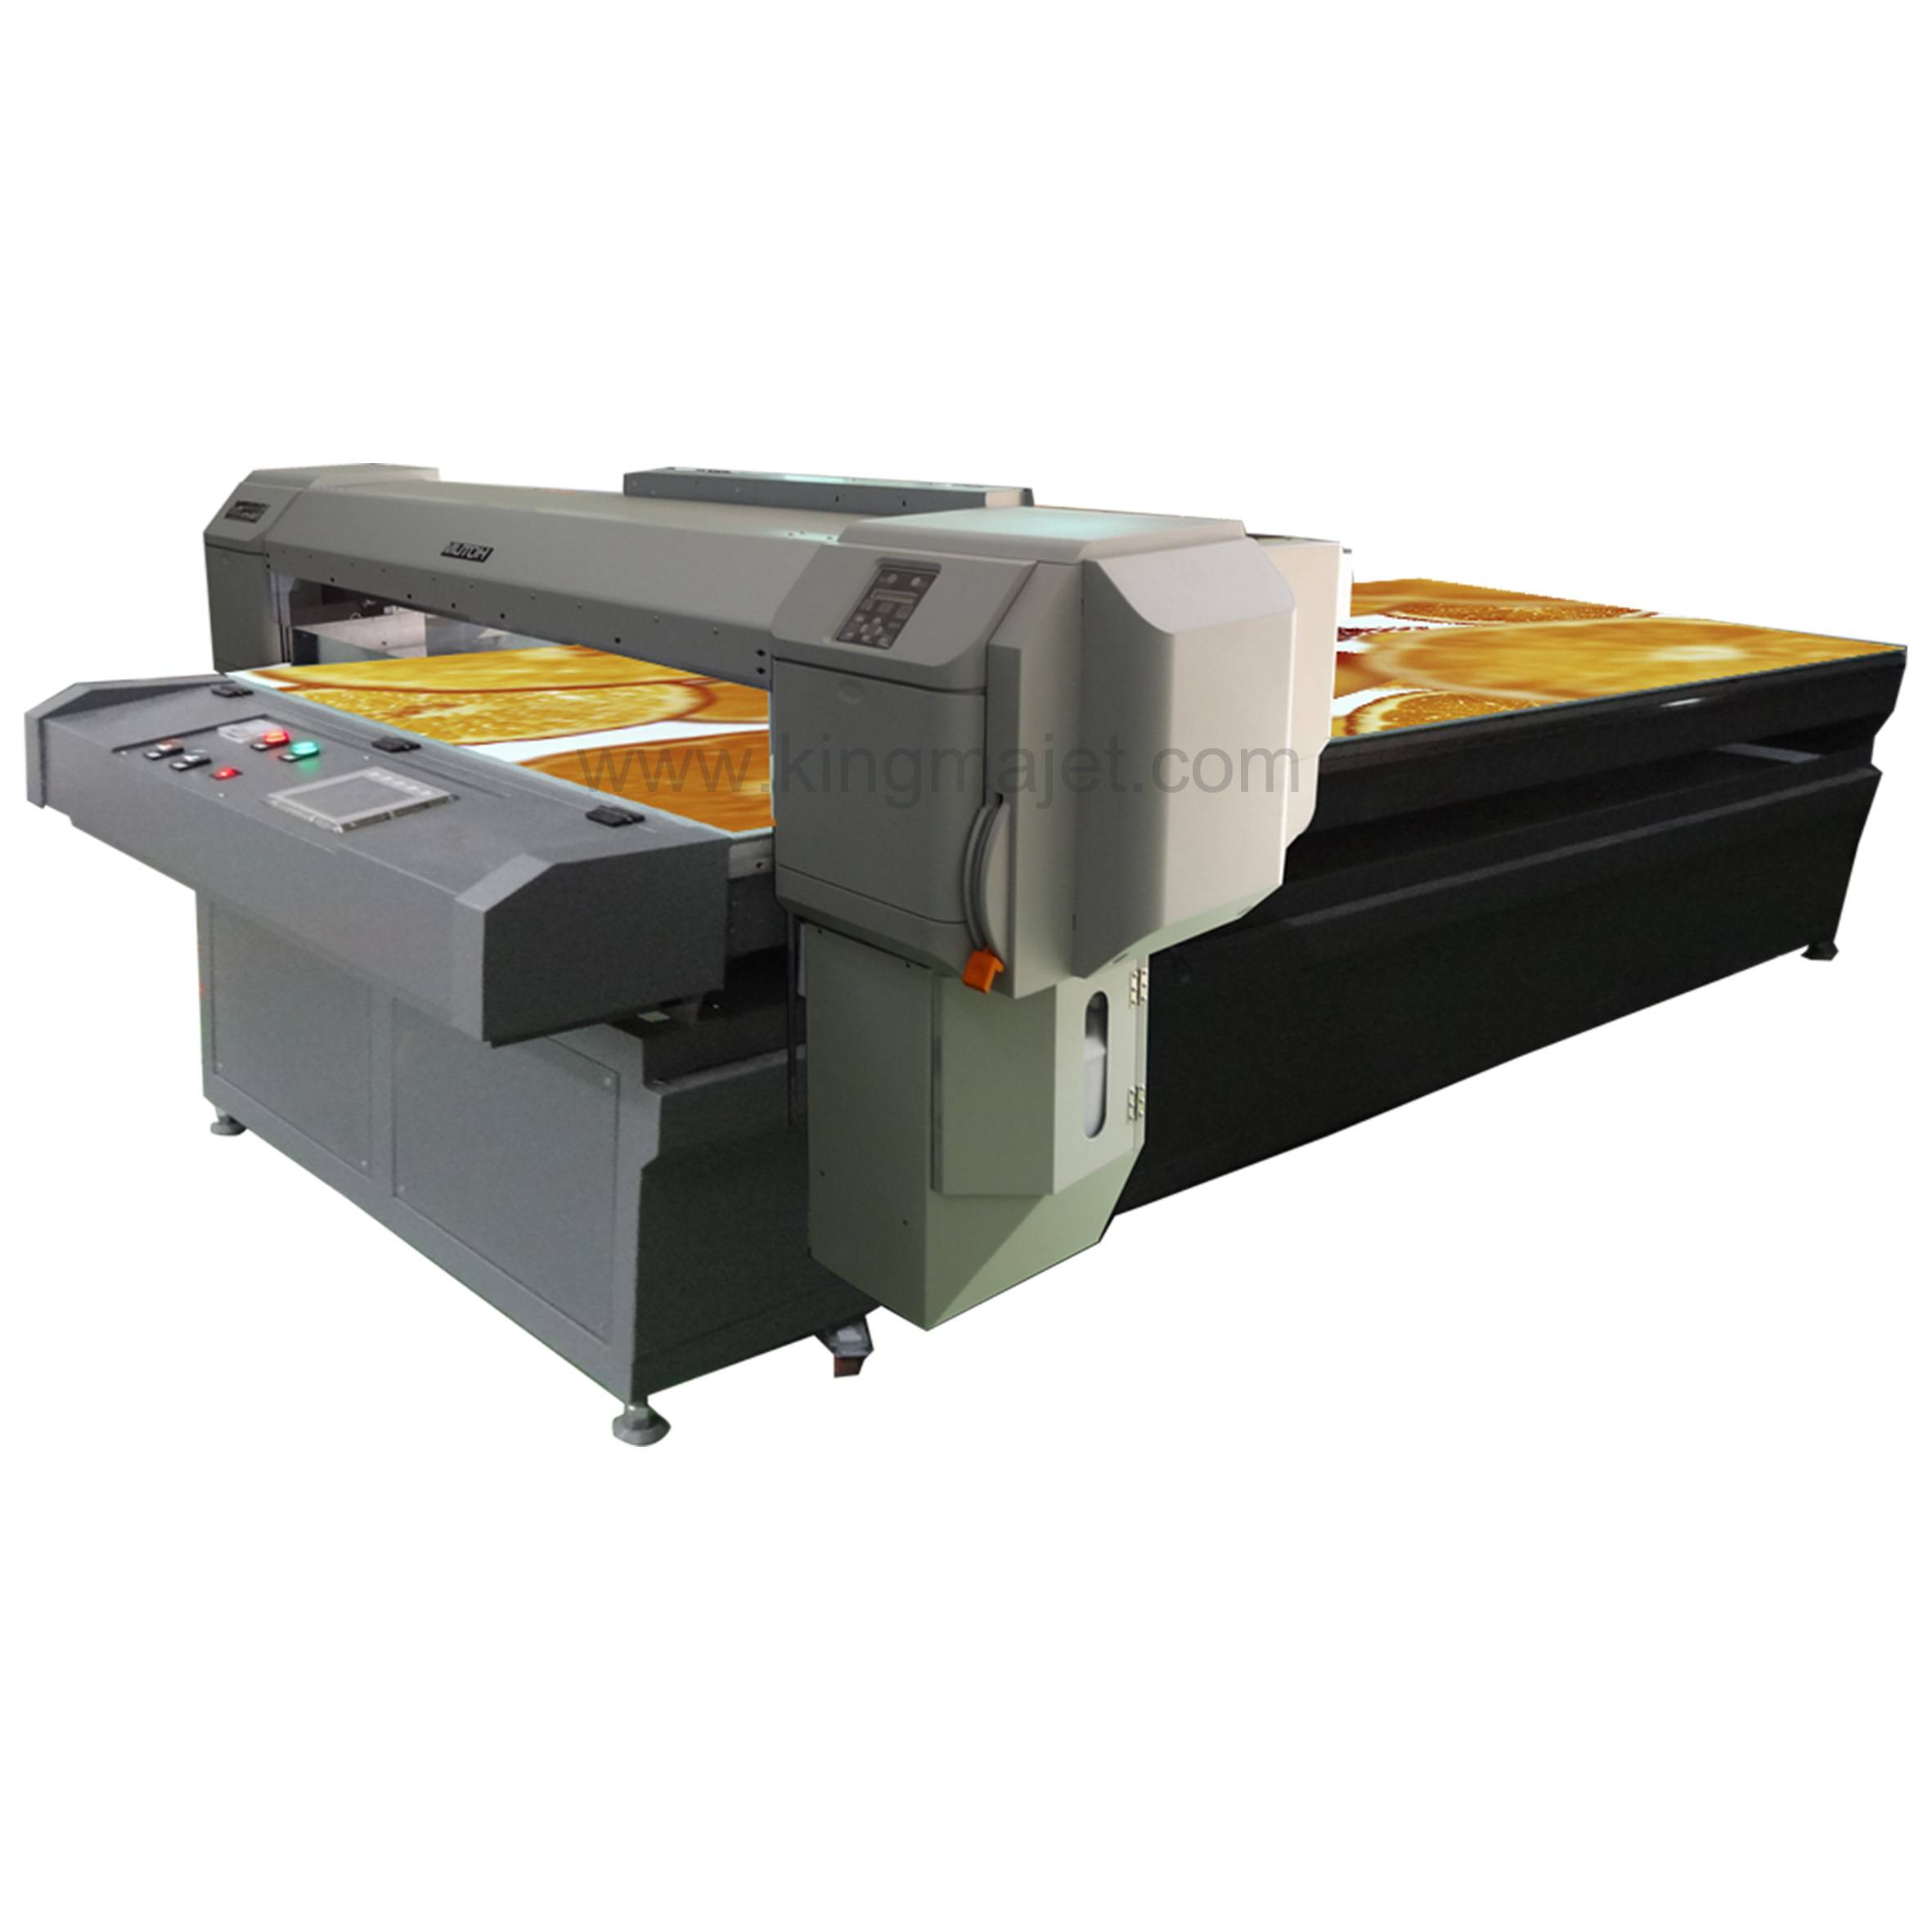 Weihang MJ1625 Large Inkjet Digital Printer